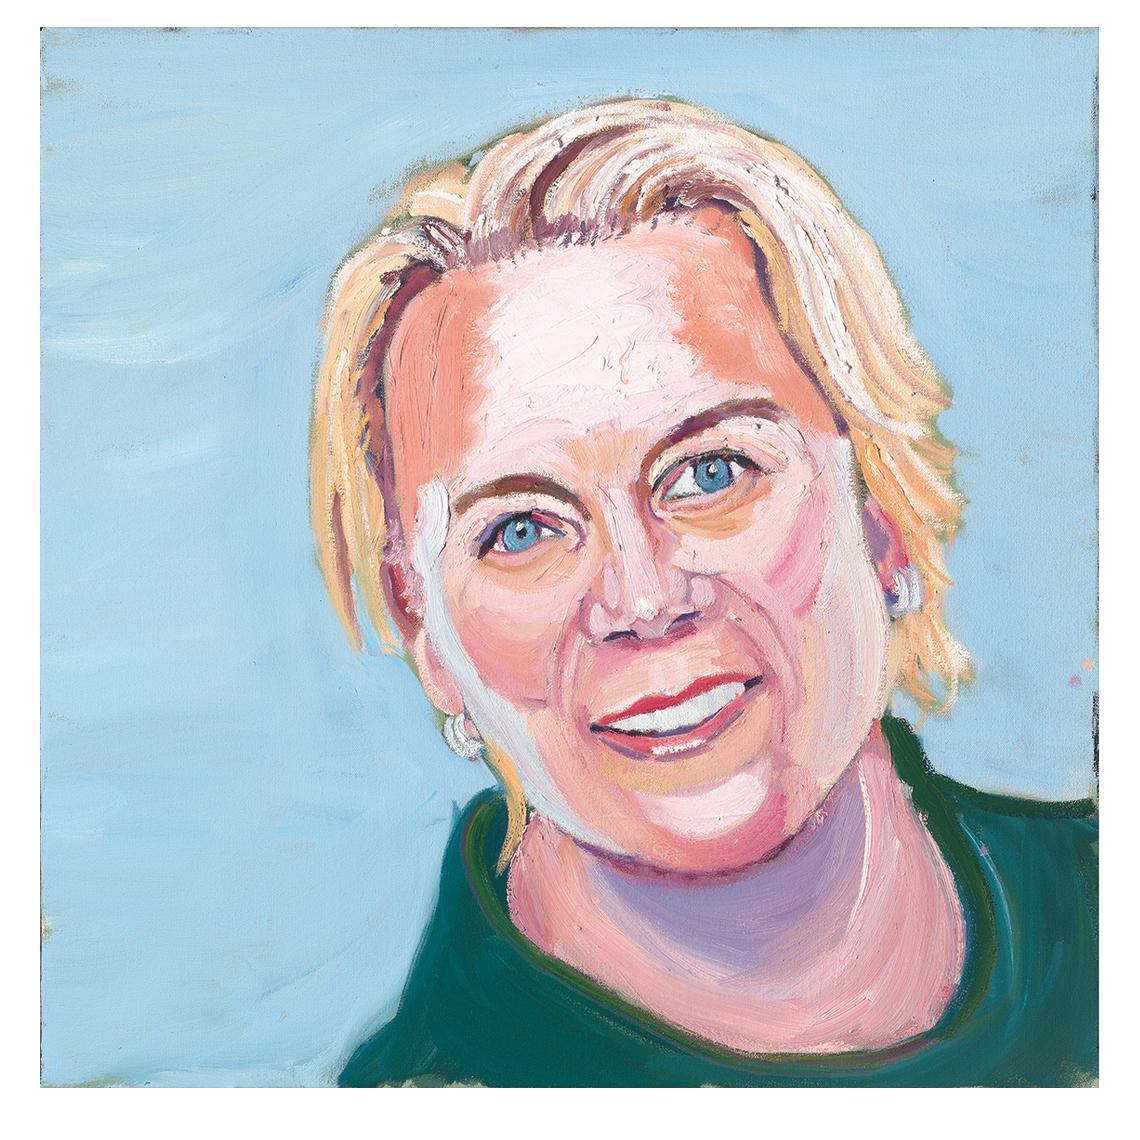 Retrato de Annika Sorenstam, por George W. Bush.